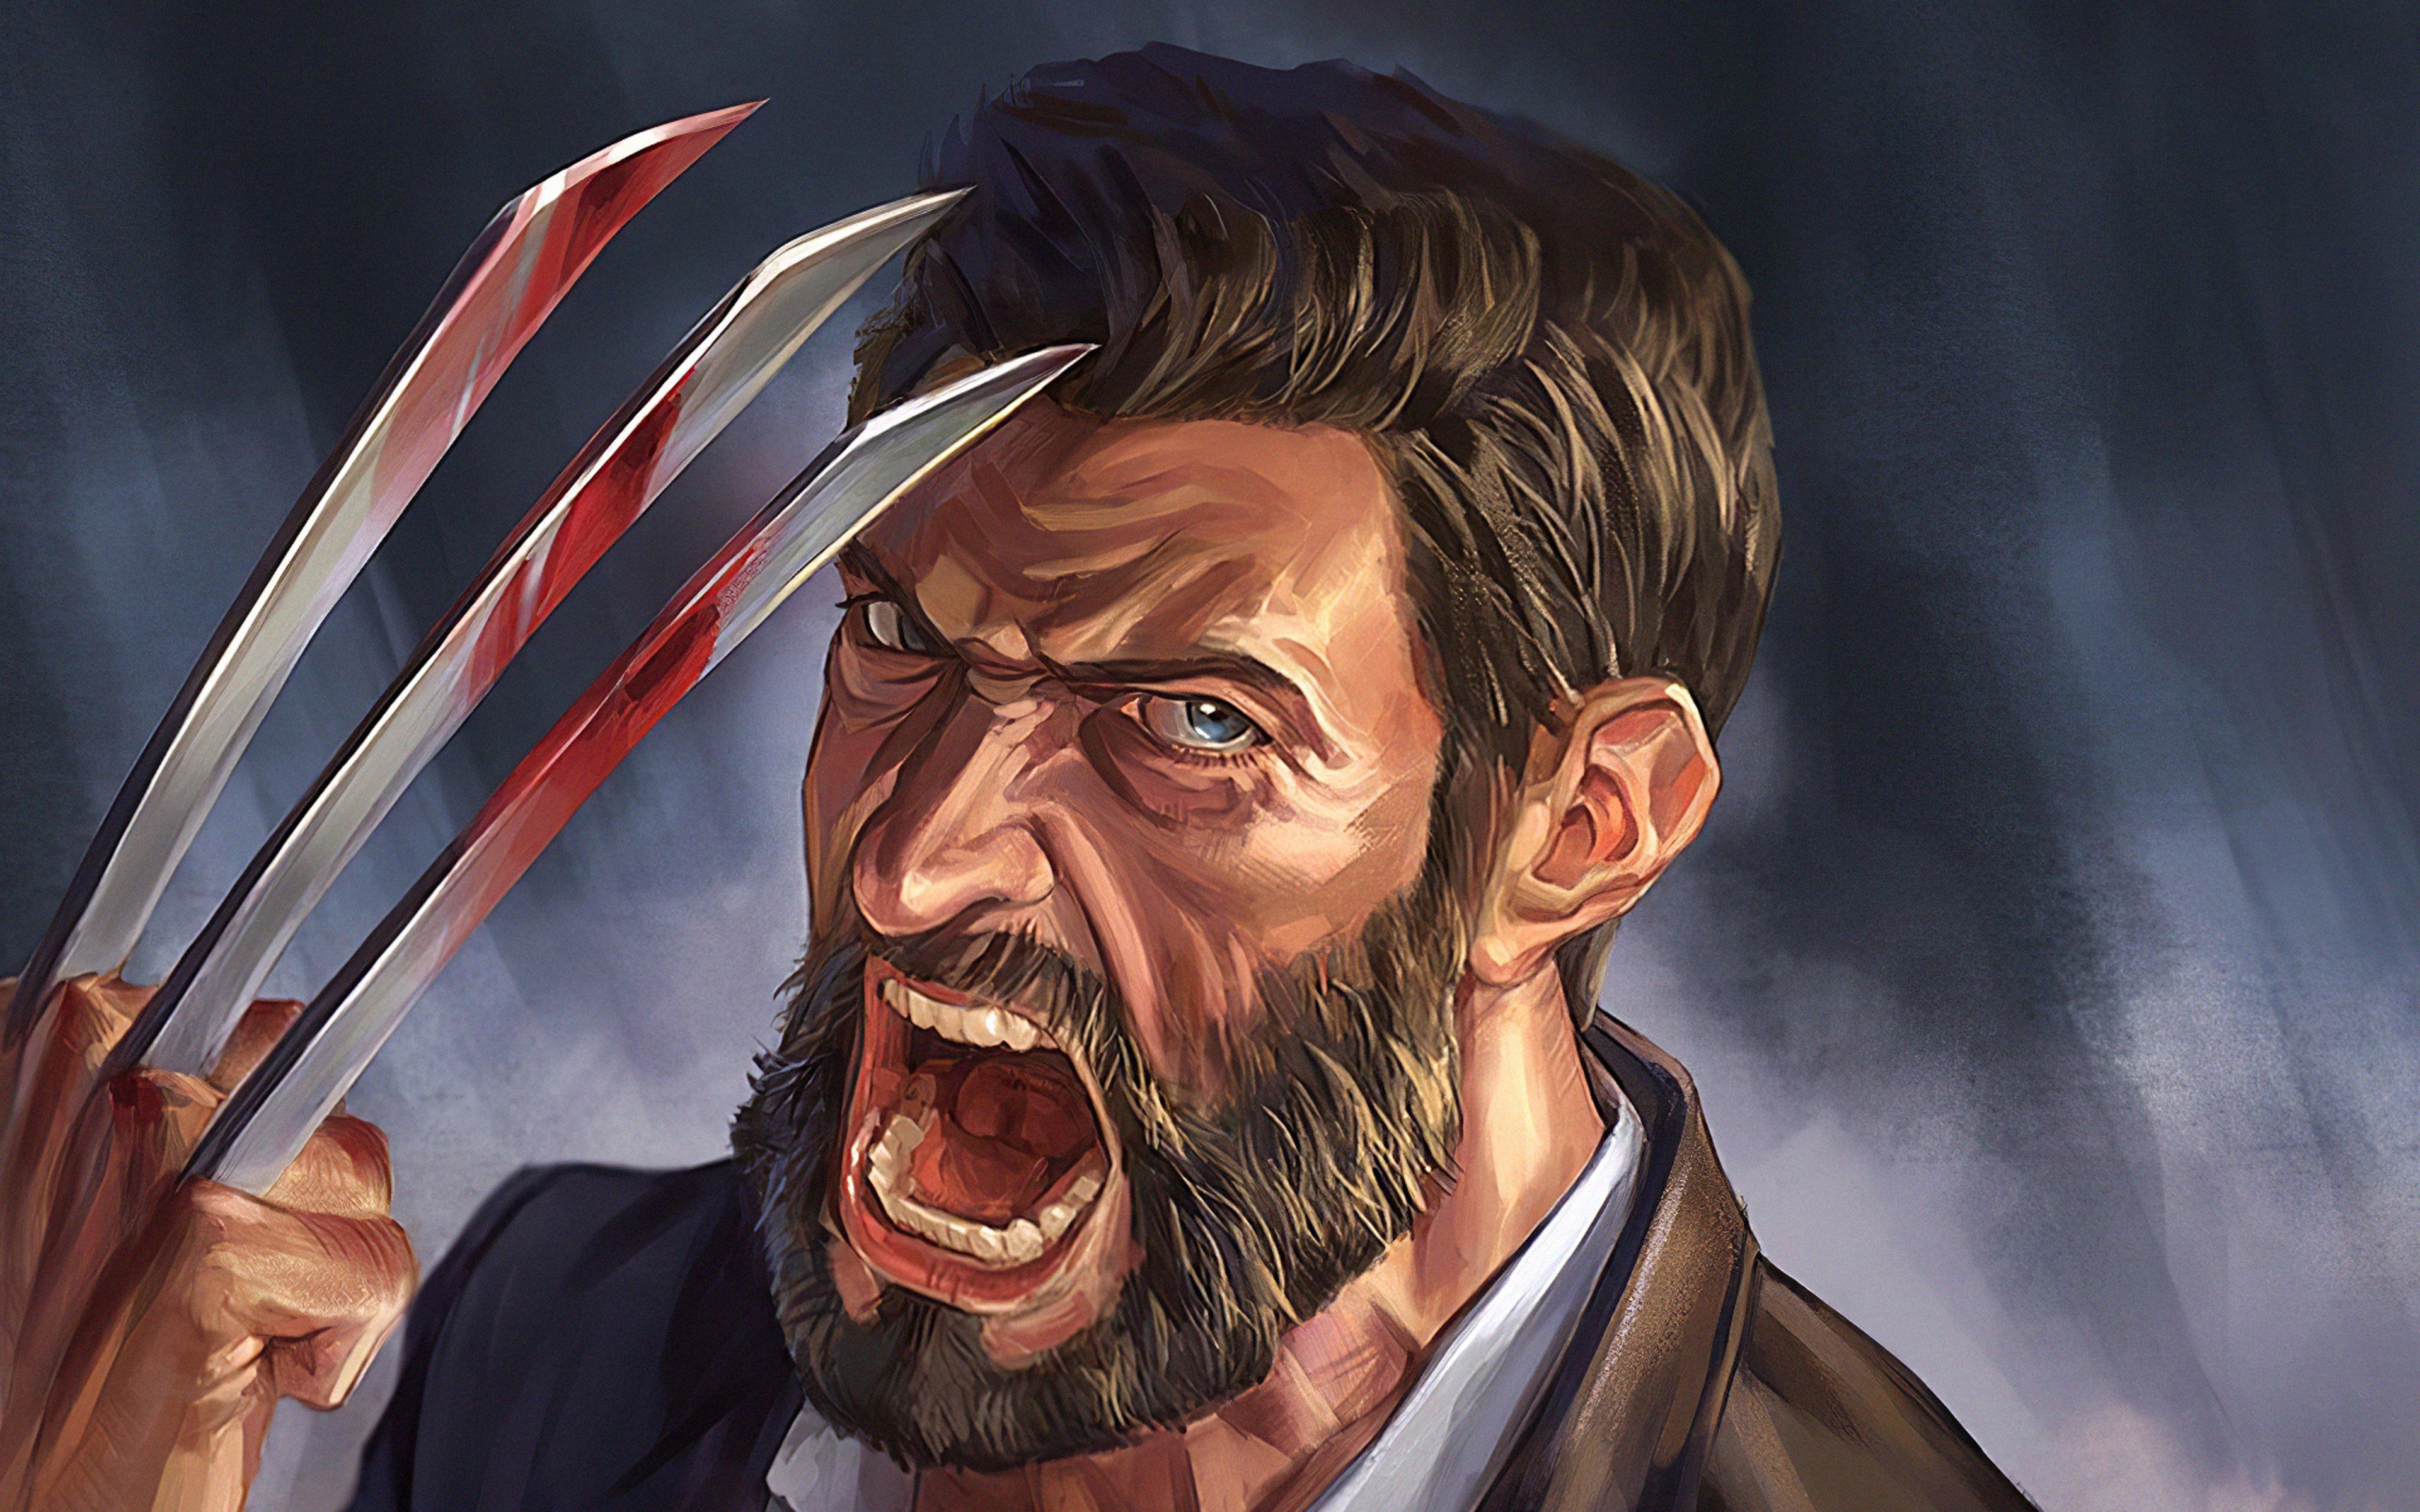 Fondos de pantalla Ilustración de Hugh Jackman como Wolverine